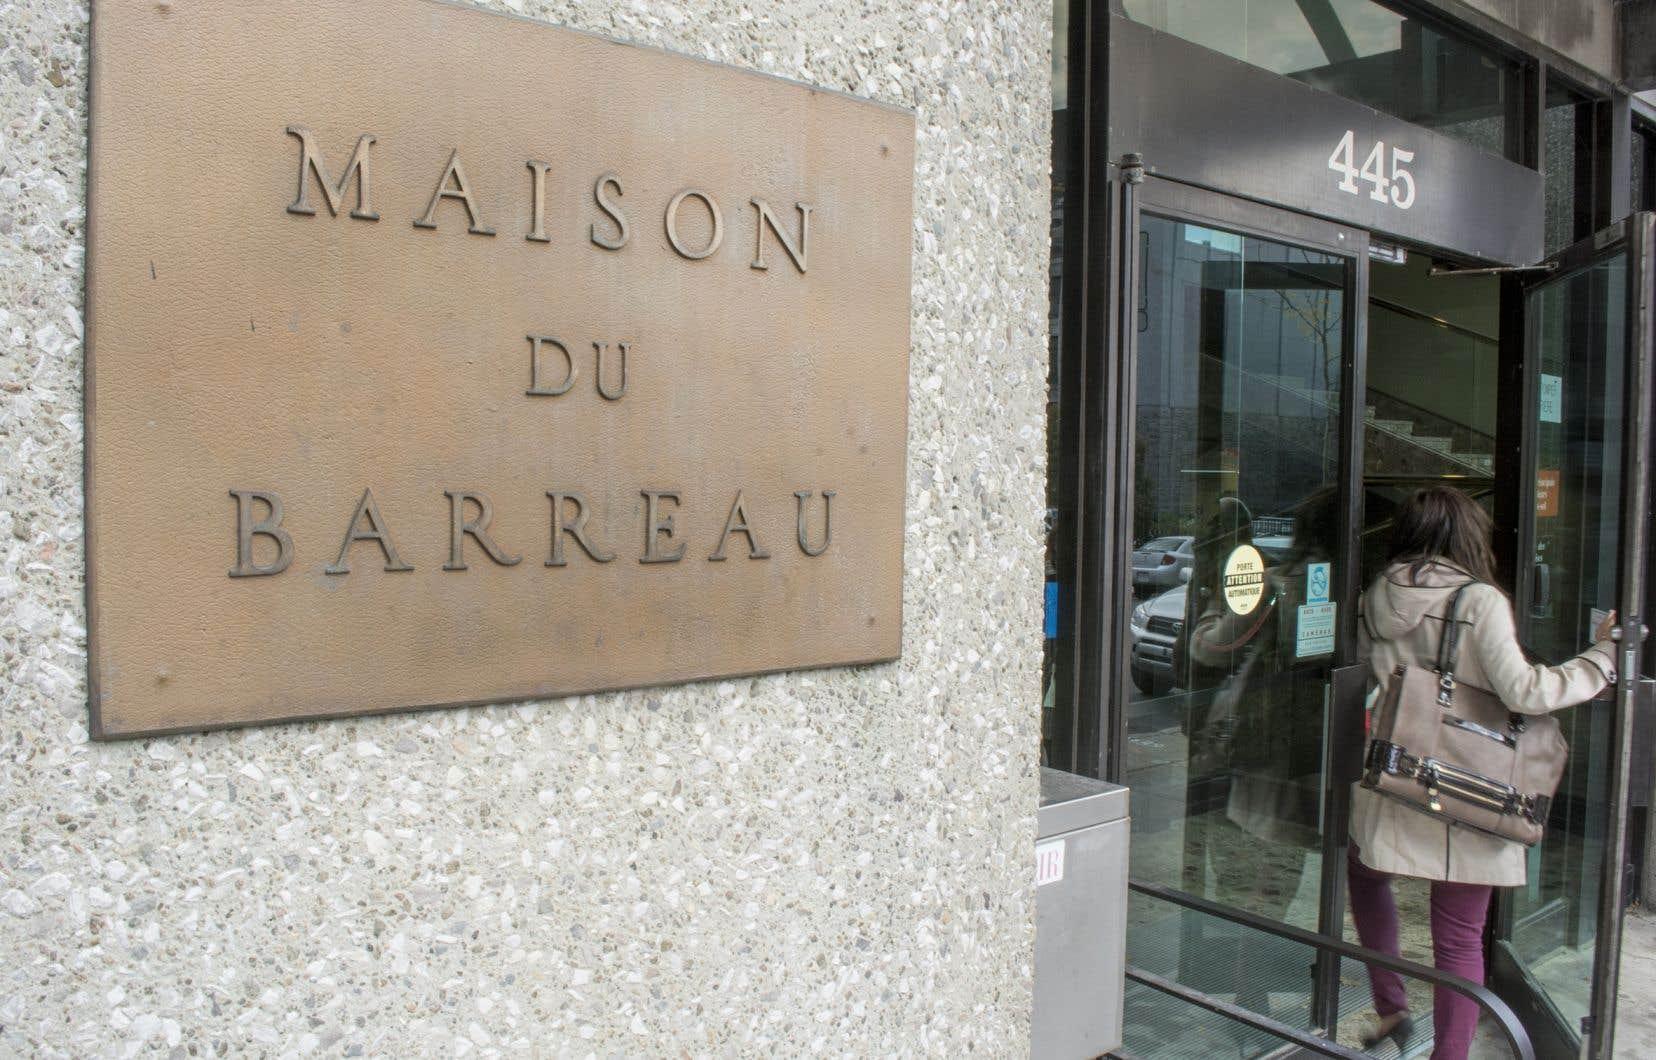 Le Barreau du Québec, qui a pour mission de défendre le public, devrait s'abstenir d'utiliser les tribunaux pour faire de l'activisme politique, estime l'auteur.